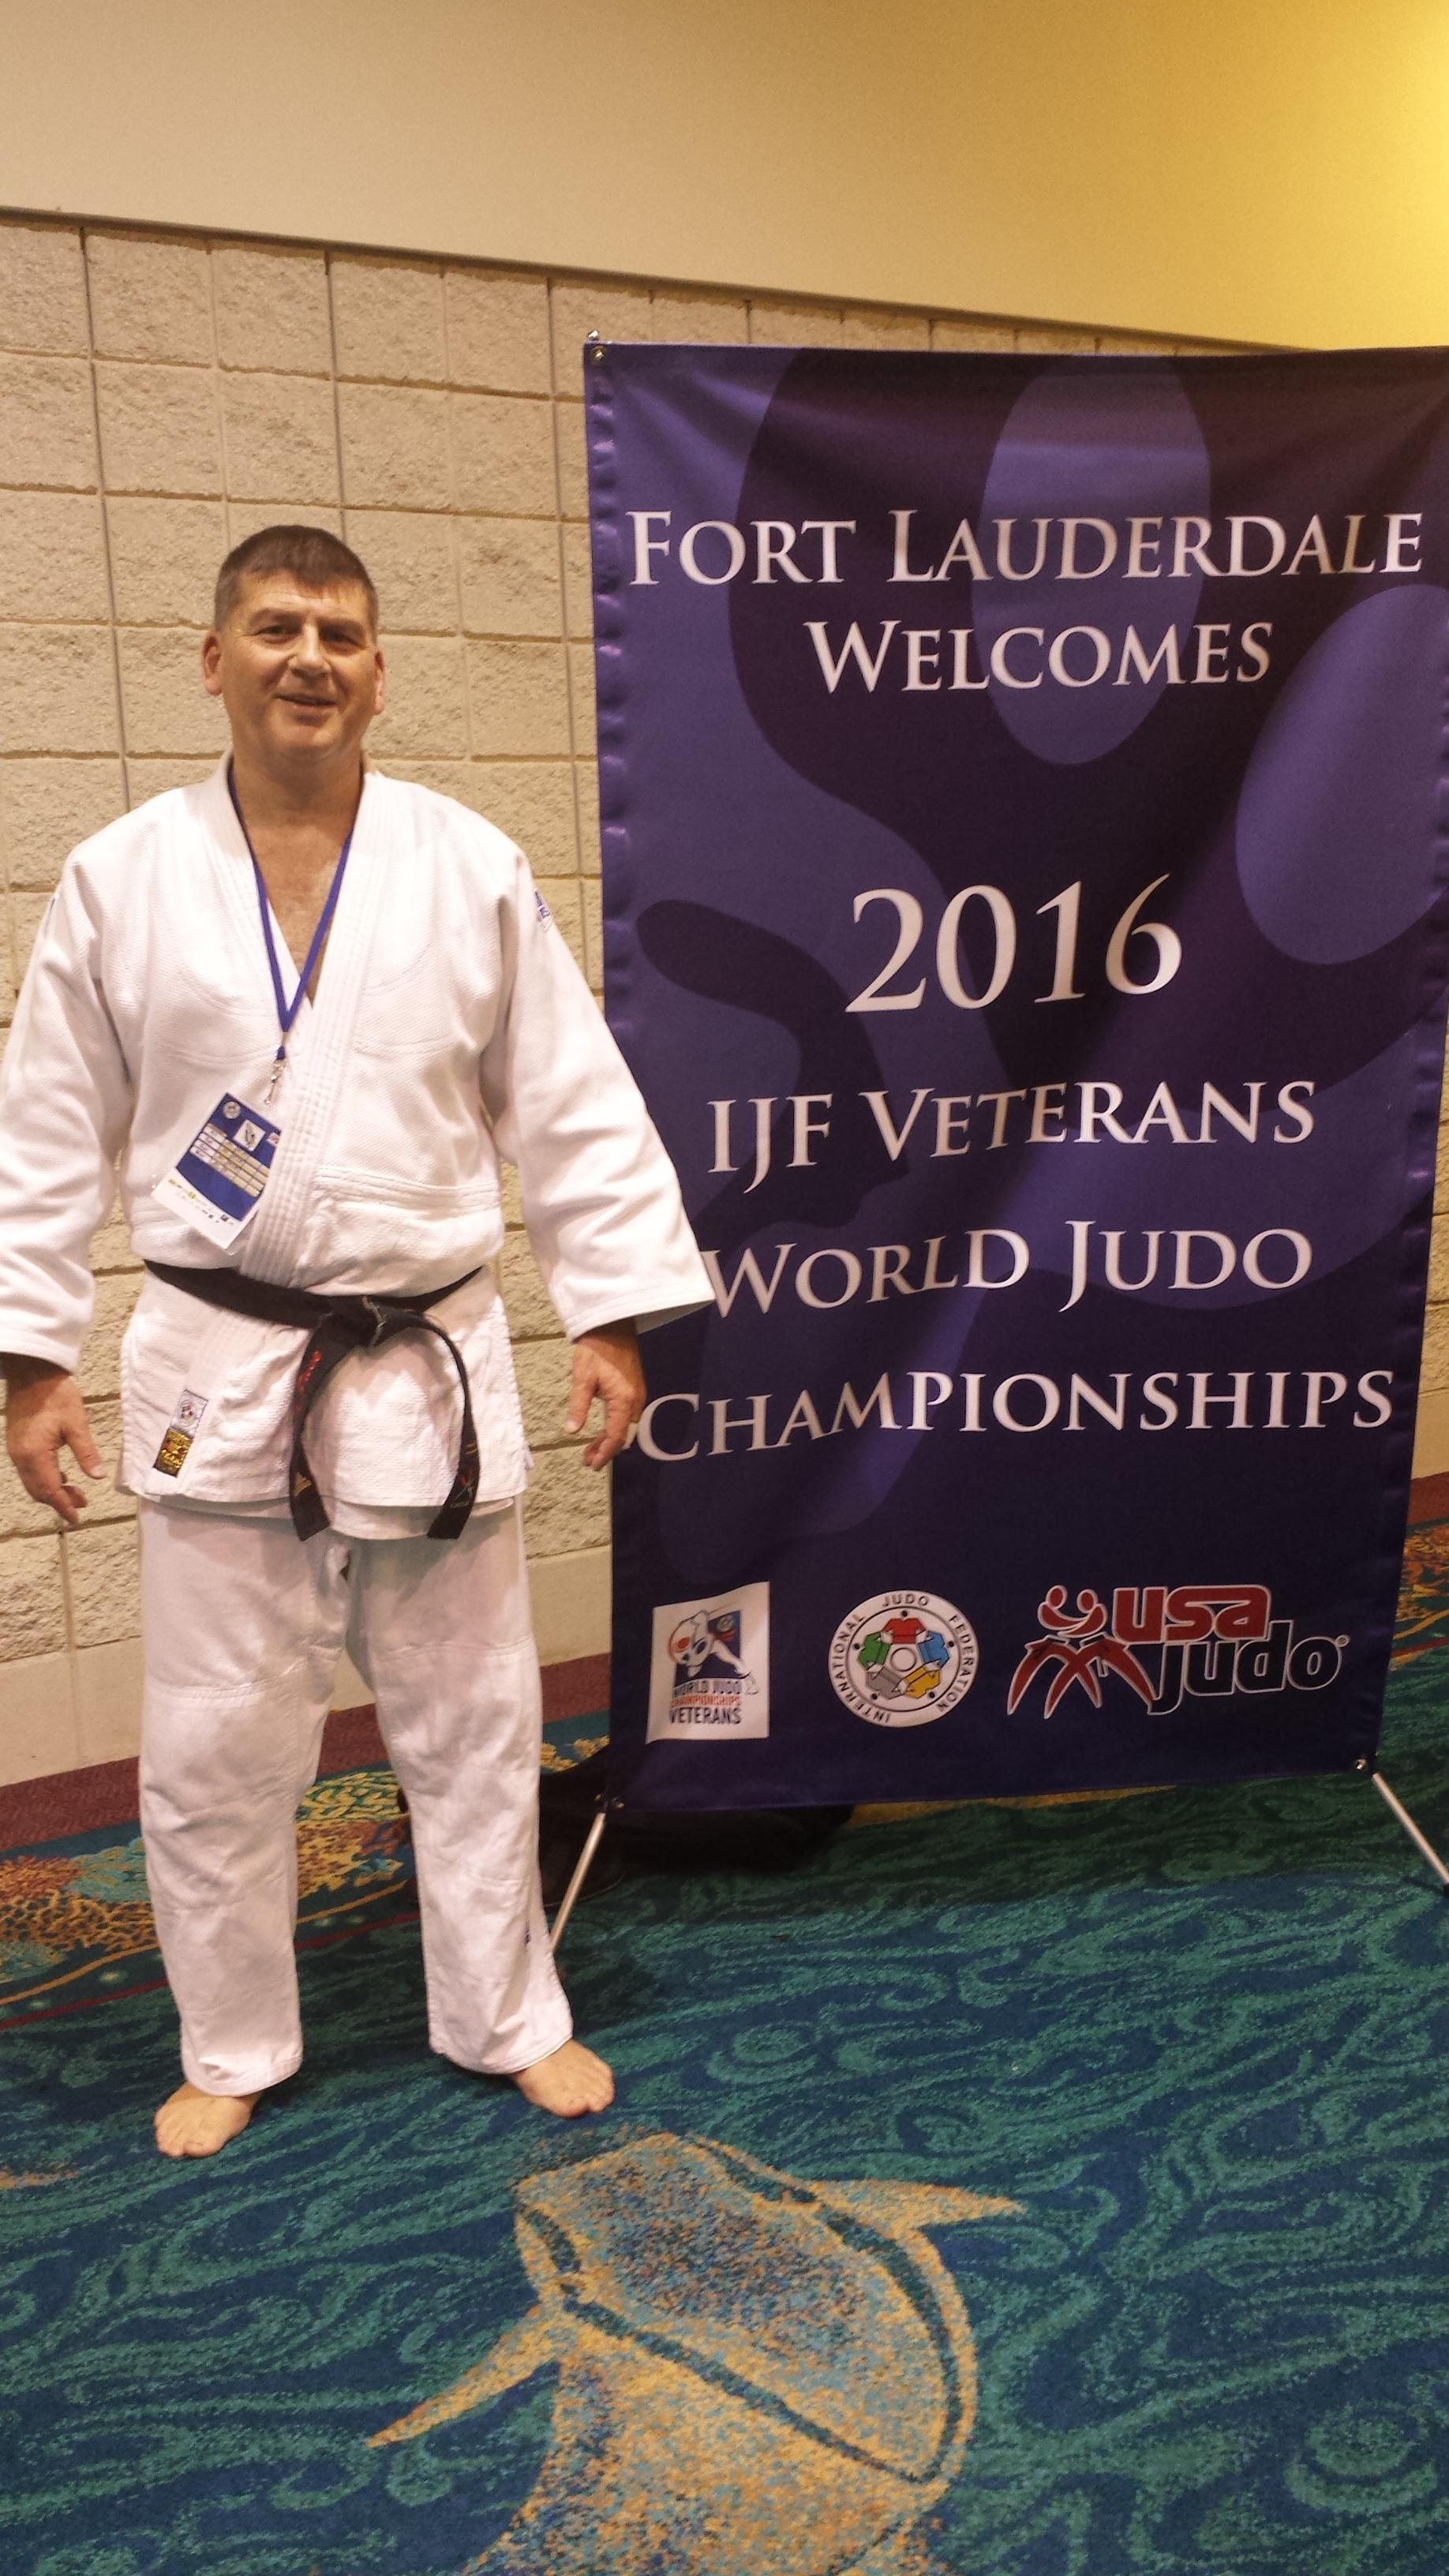 Jean-Marc Pace aux Championnats du monde vétérans à Fort Lauderdale